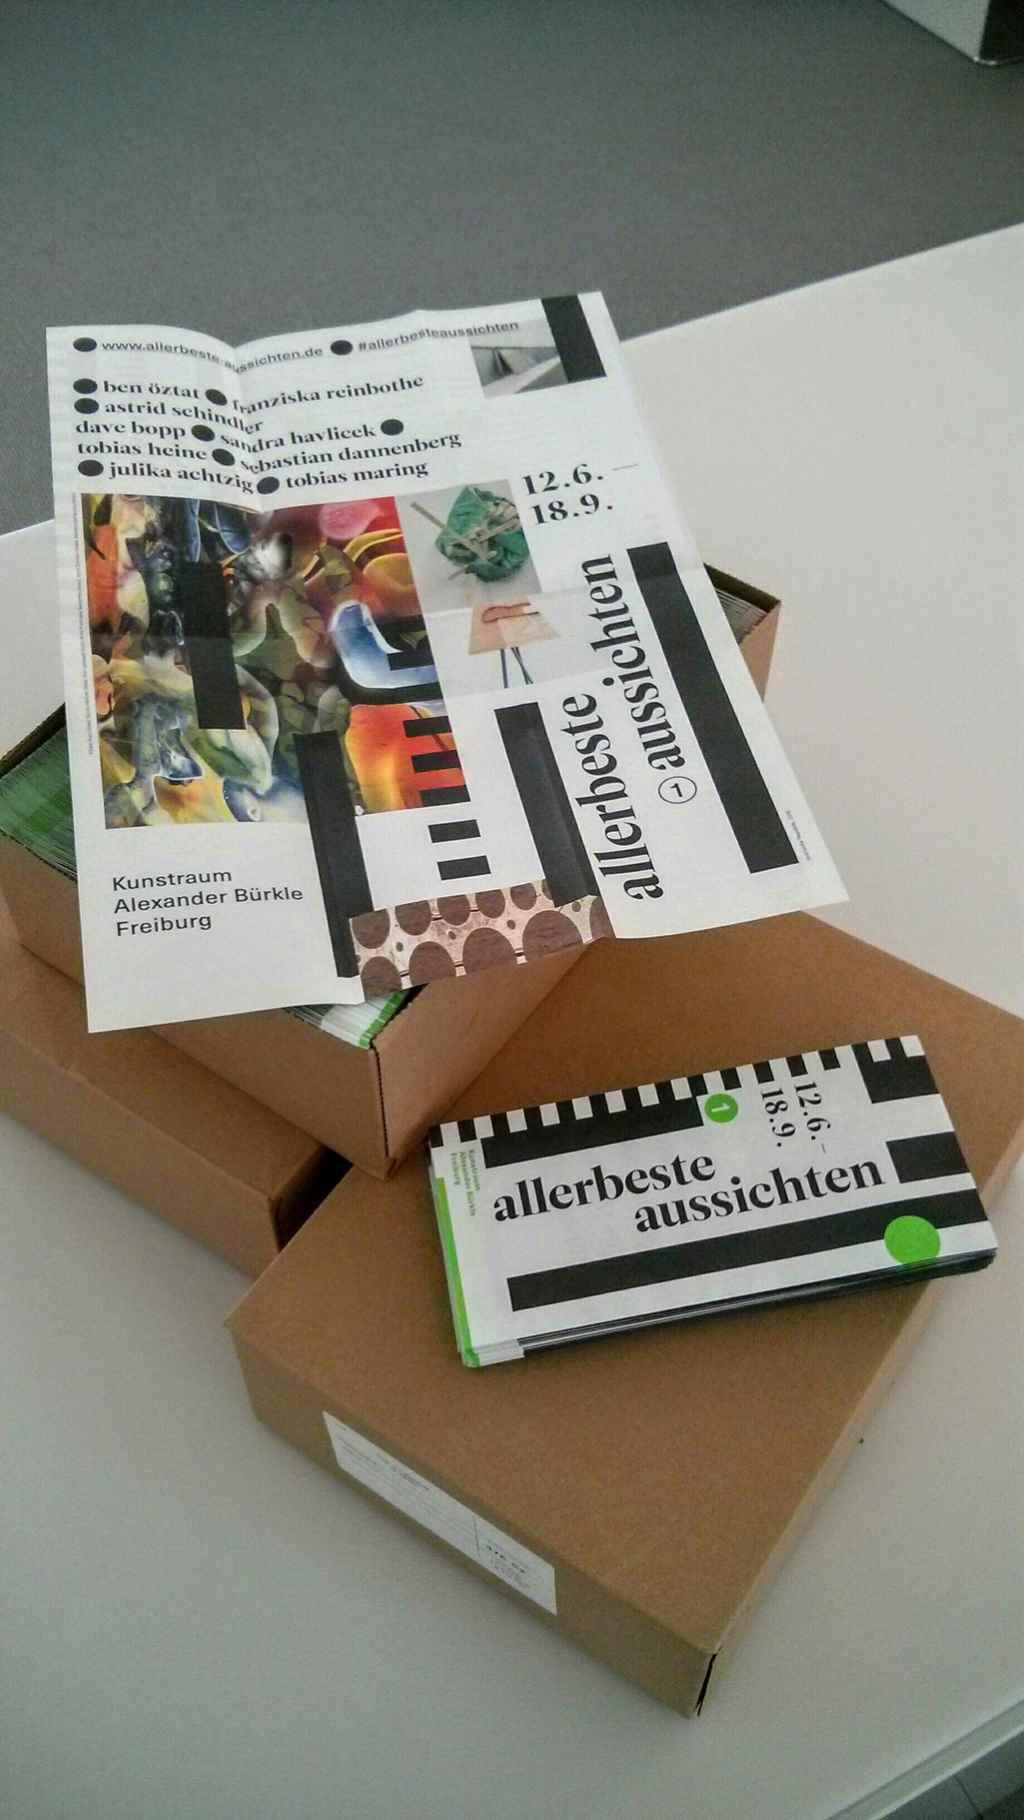 Frisch eingetroffene Einladungsflyer zu #allerbesteaussichten, geposted bei Instagram: Foto: Eveline Weber. Kunstraum Alexander Bürkle #KultTrip.